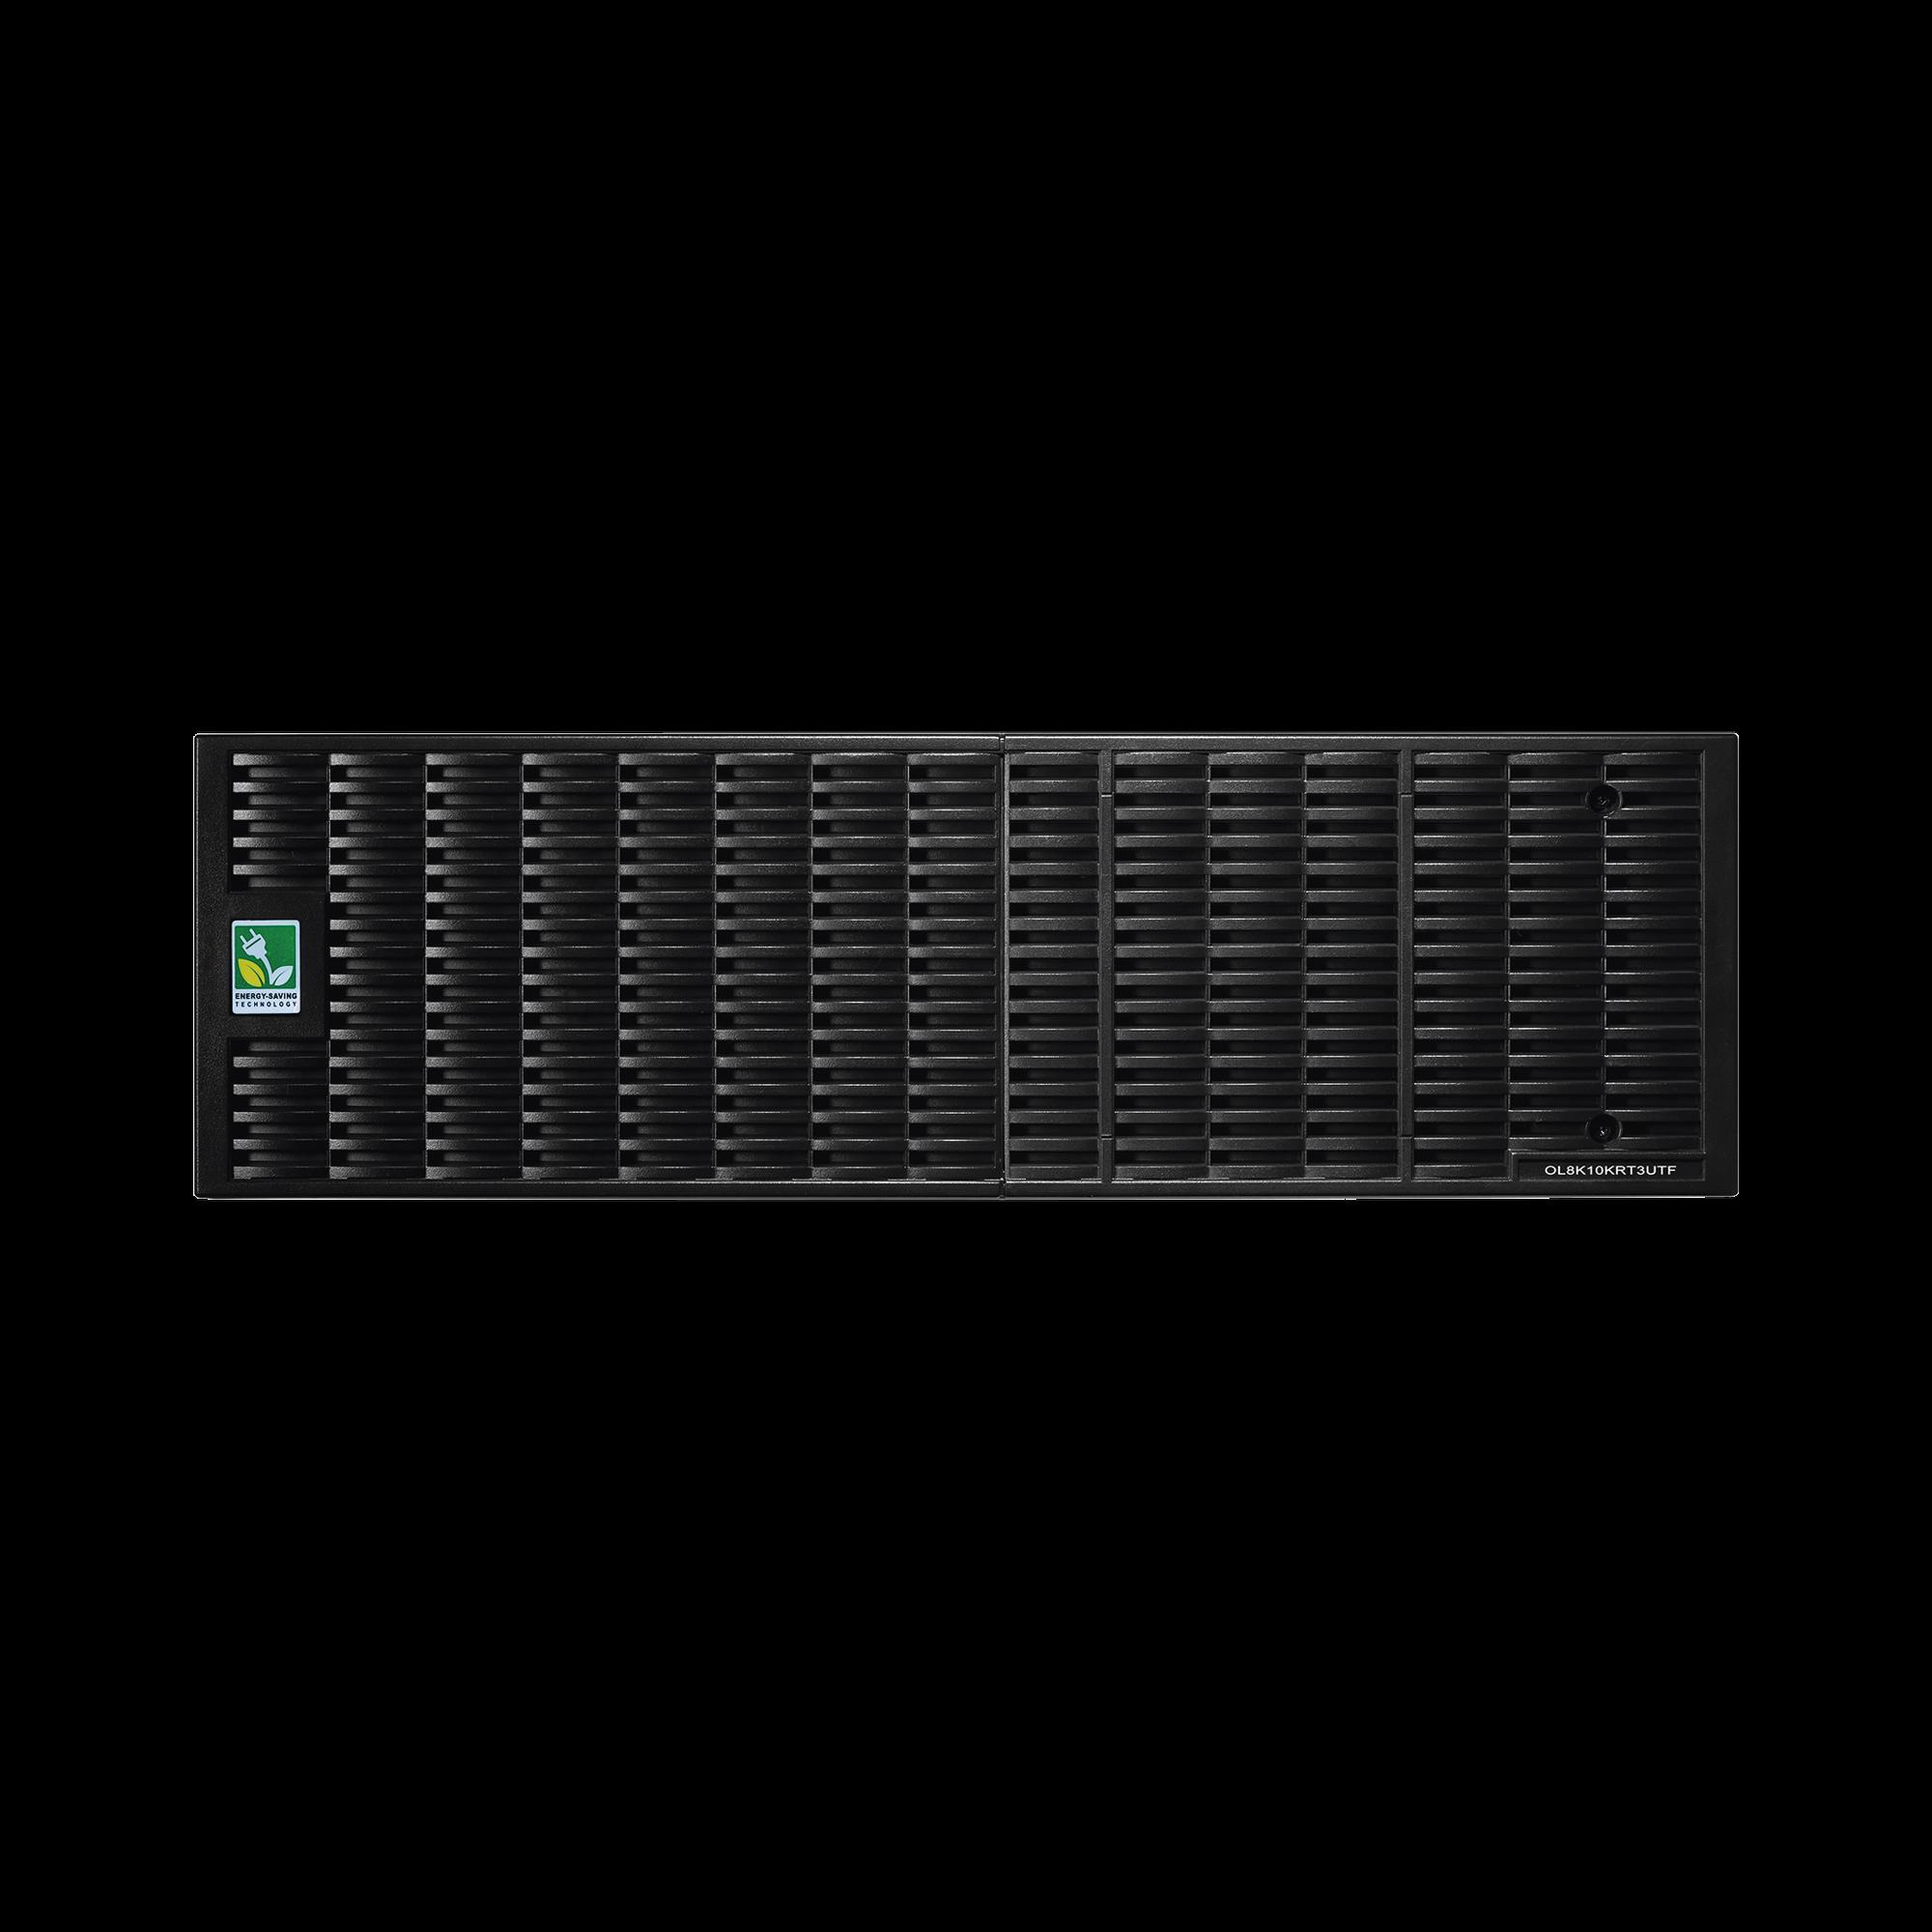 Transformador Reductor de 208 Vca a 120 Vca, Con entrada NEMA L6-30P, 12 Salidas NEMA 5-20R, 2 NEMA L6-20R, y 2 NEMA L6-30R, Recomendado para UPS de 5 kVA CyberPower